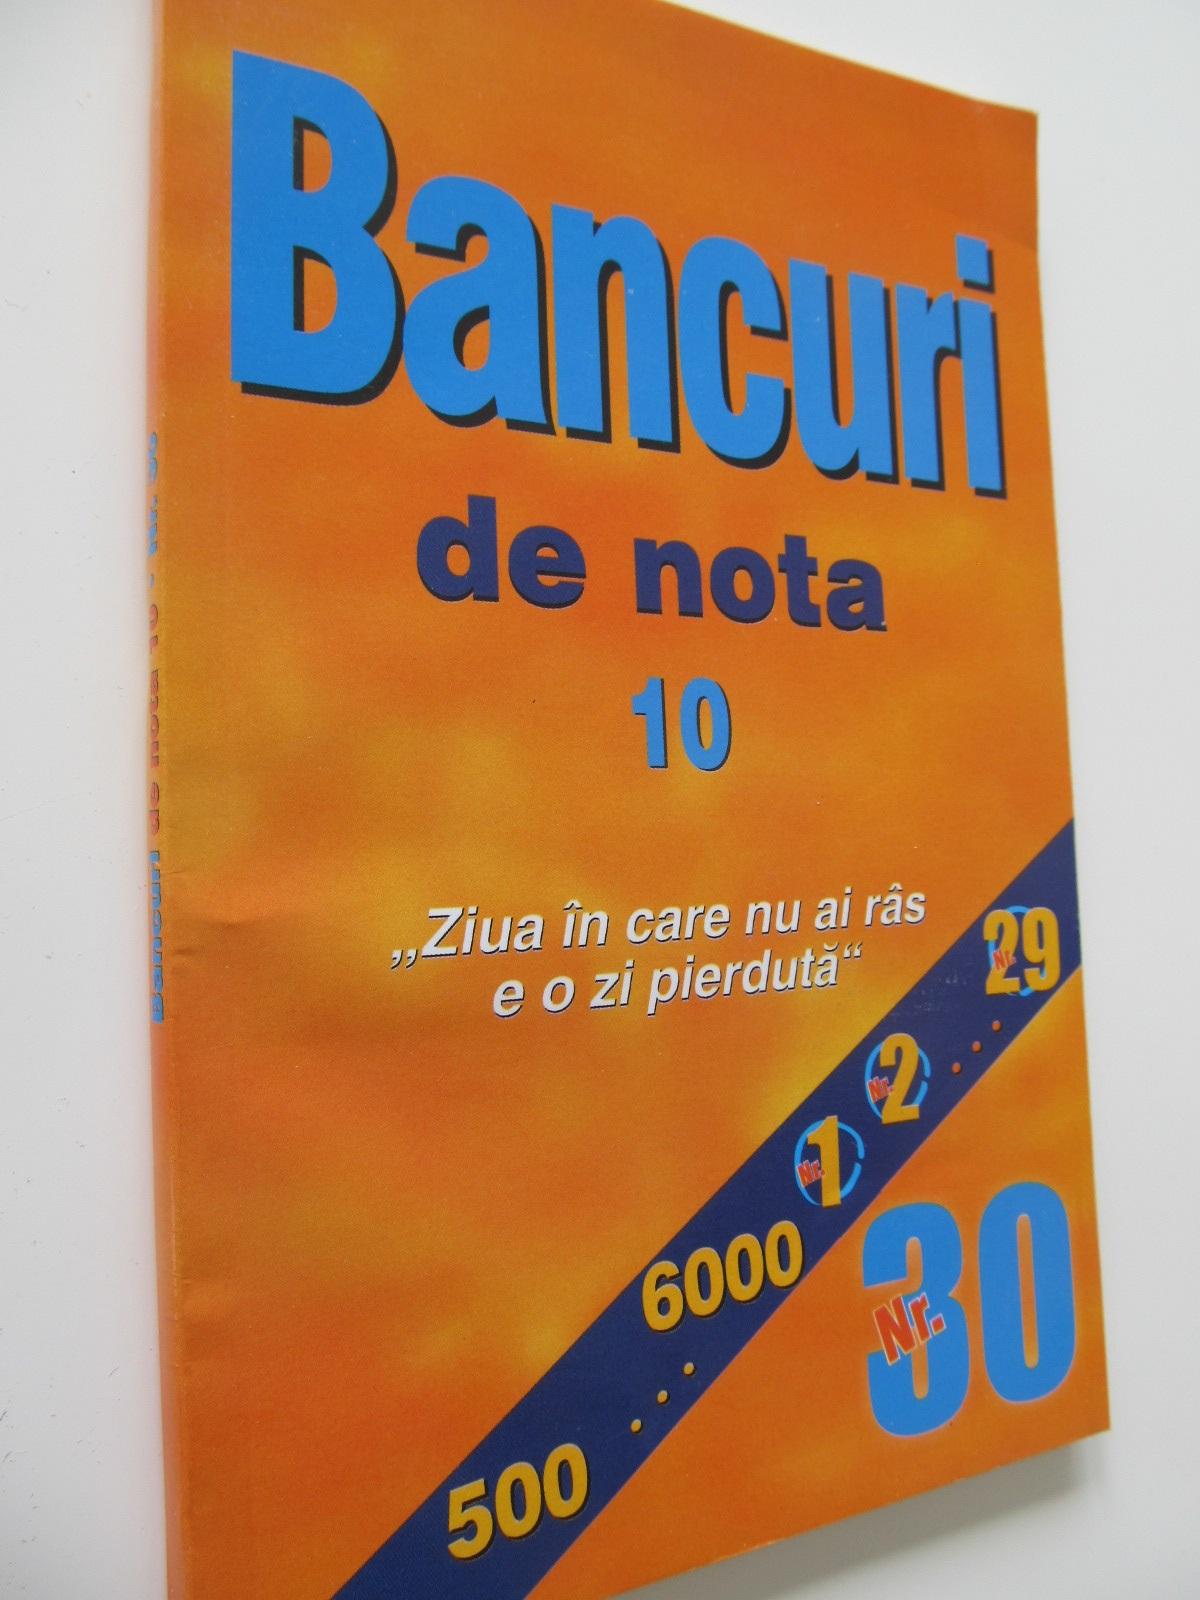 Bancuri de nota 10 - *** | Detalii carte